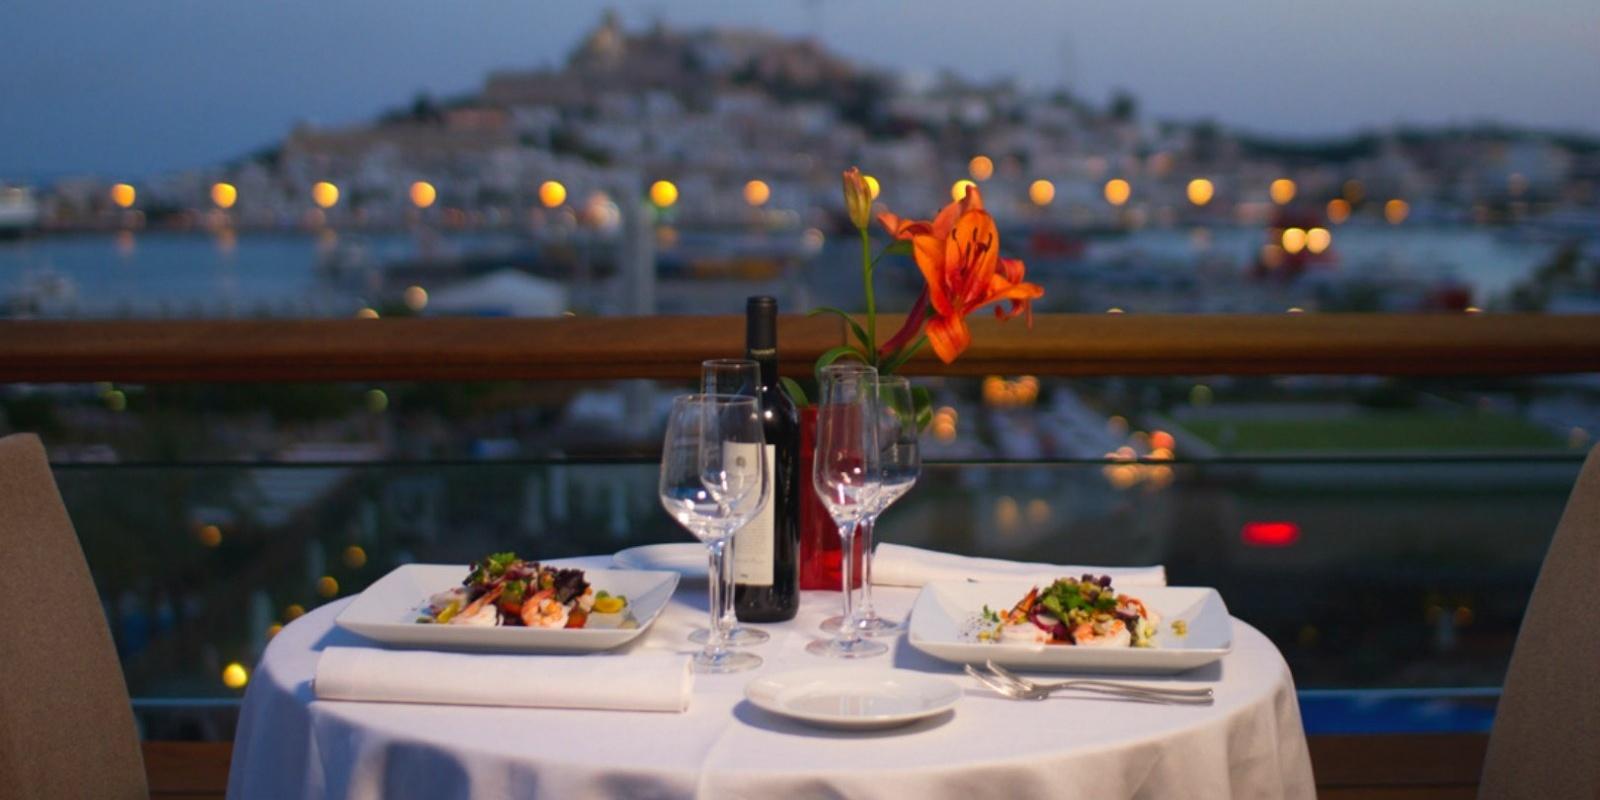 Cena romantica in veneto ecco un ristorante per provincia - Cena romantica menu casa ...